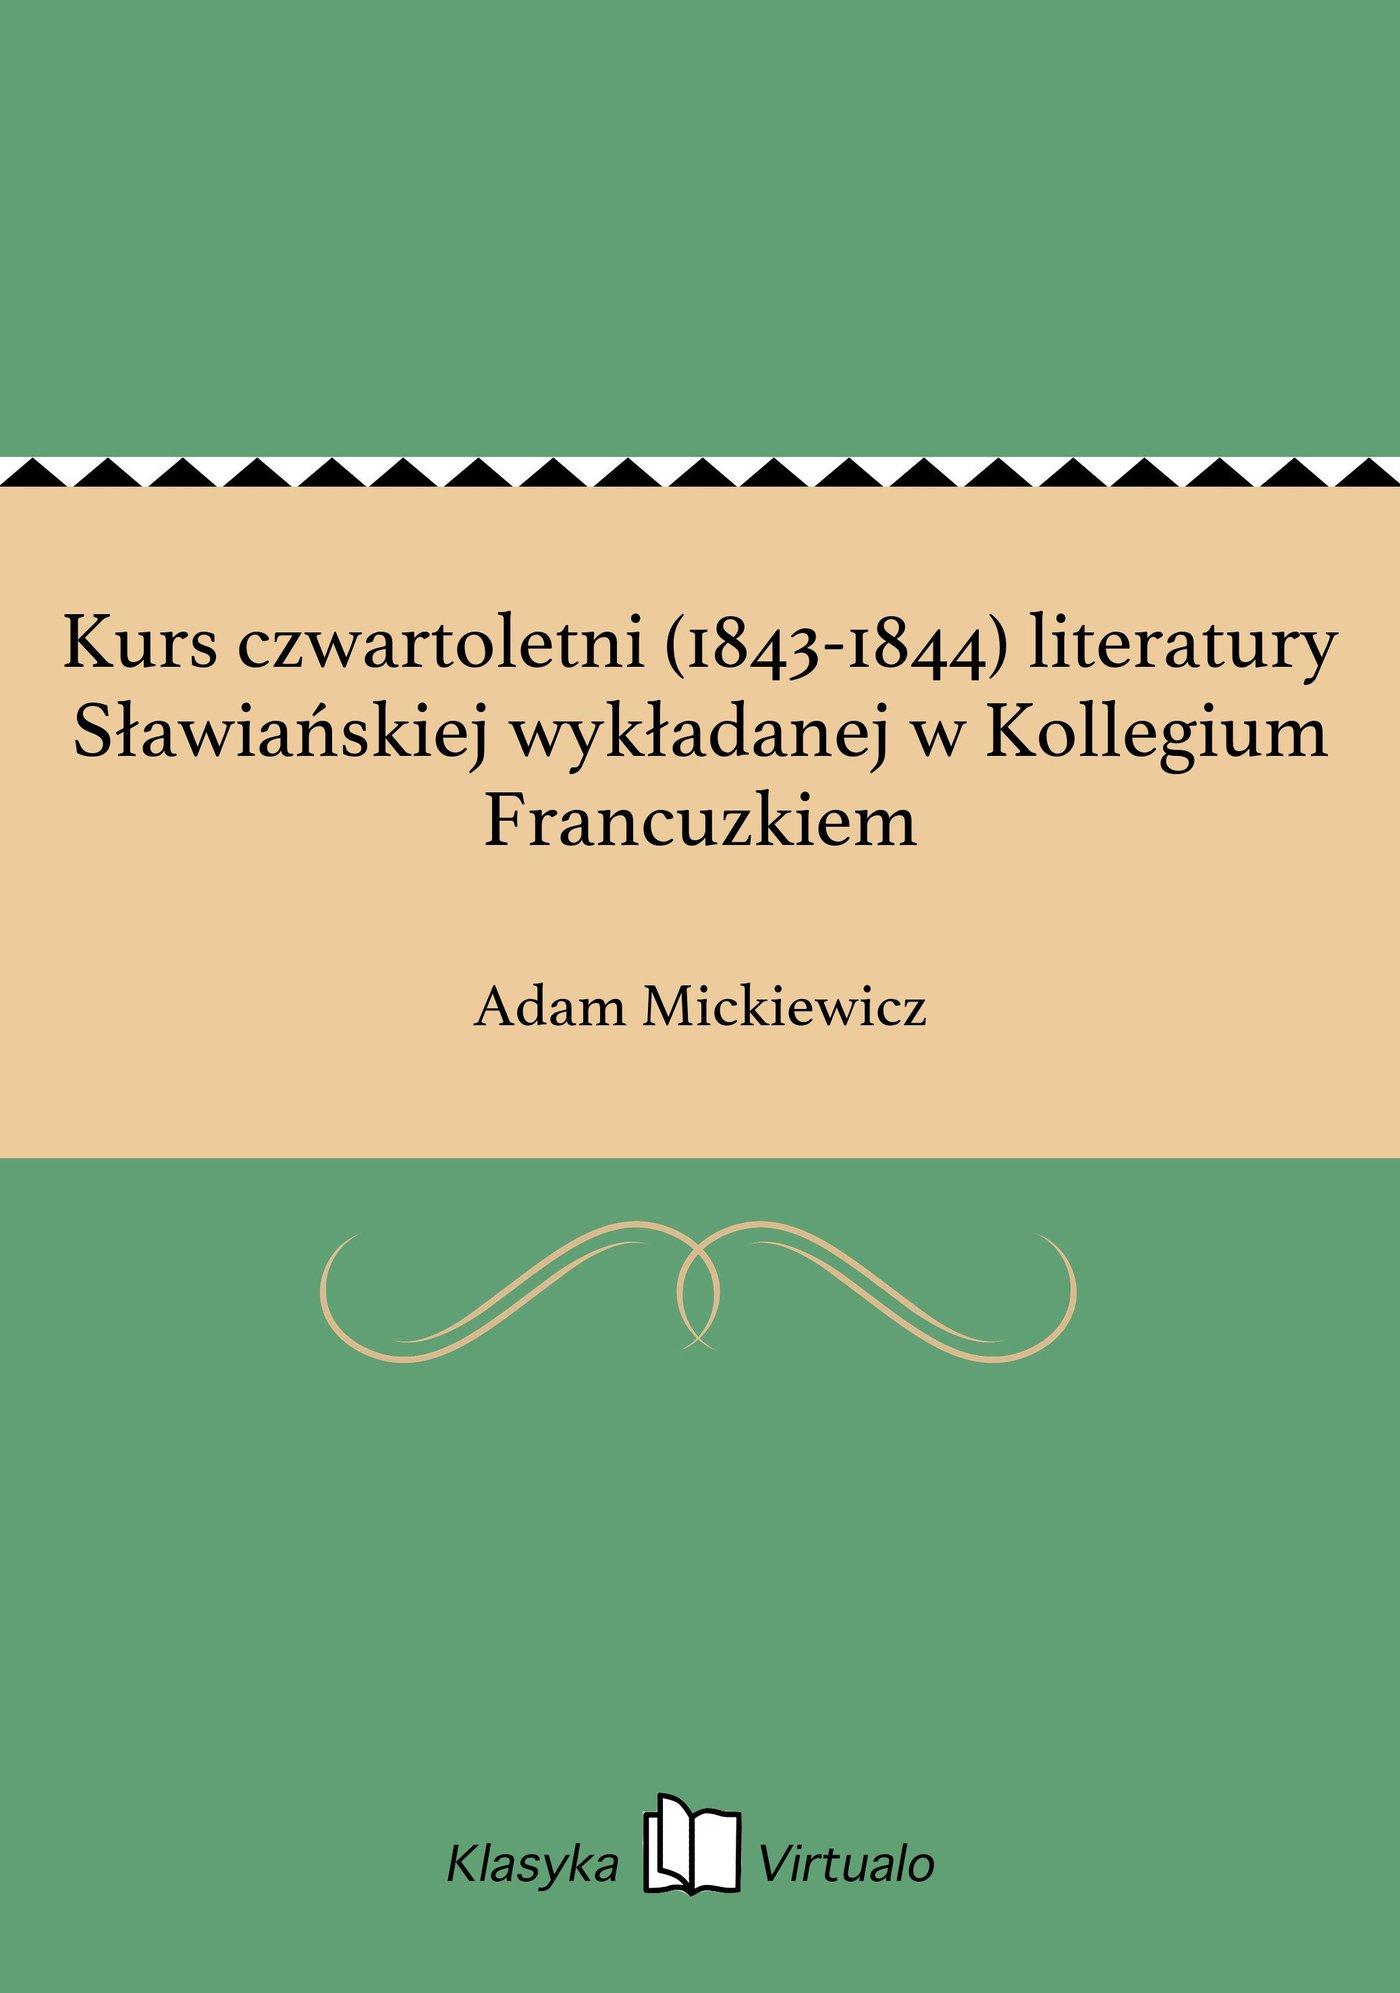 Kurs czwartoletni (1843-1844) literatury Sławiańskiej wykładanej w Kollegium Francuzkiem - Ebook (Książka EPUB) do pobrania w formacie EPUB